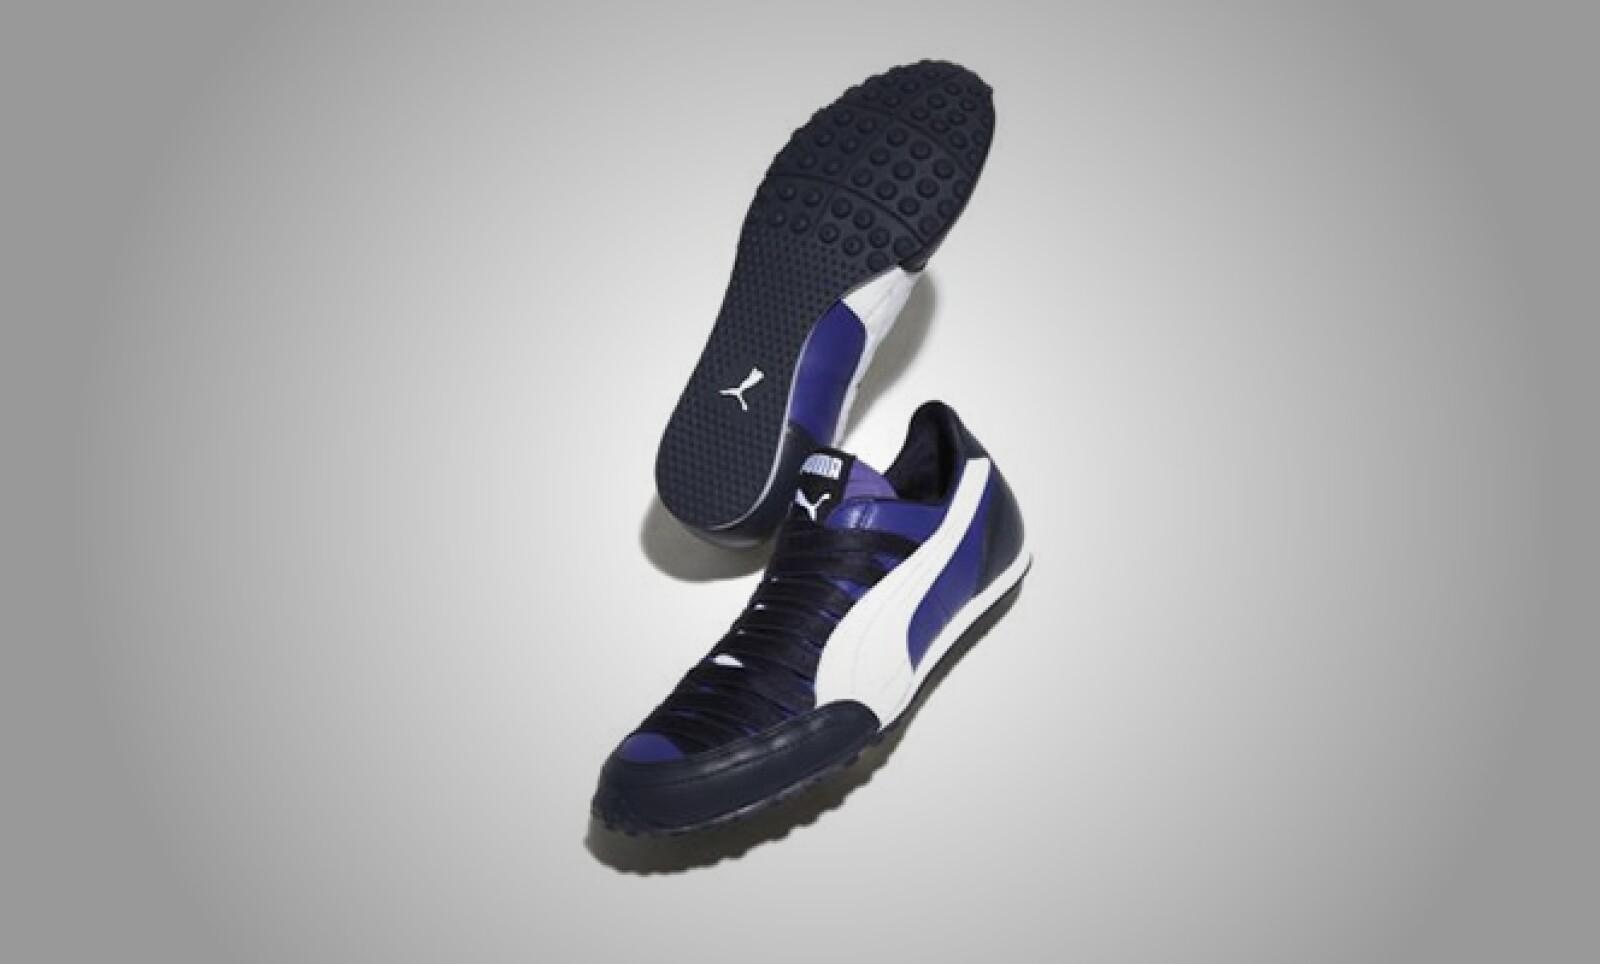 Tenis que combinan el estilo y materiales sintéticos que se amoldan al pie del corredor.